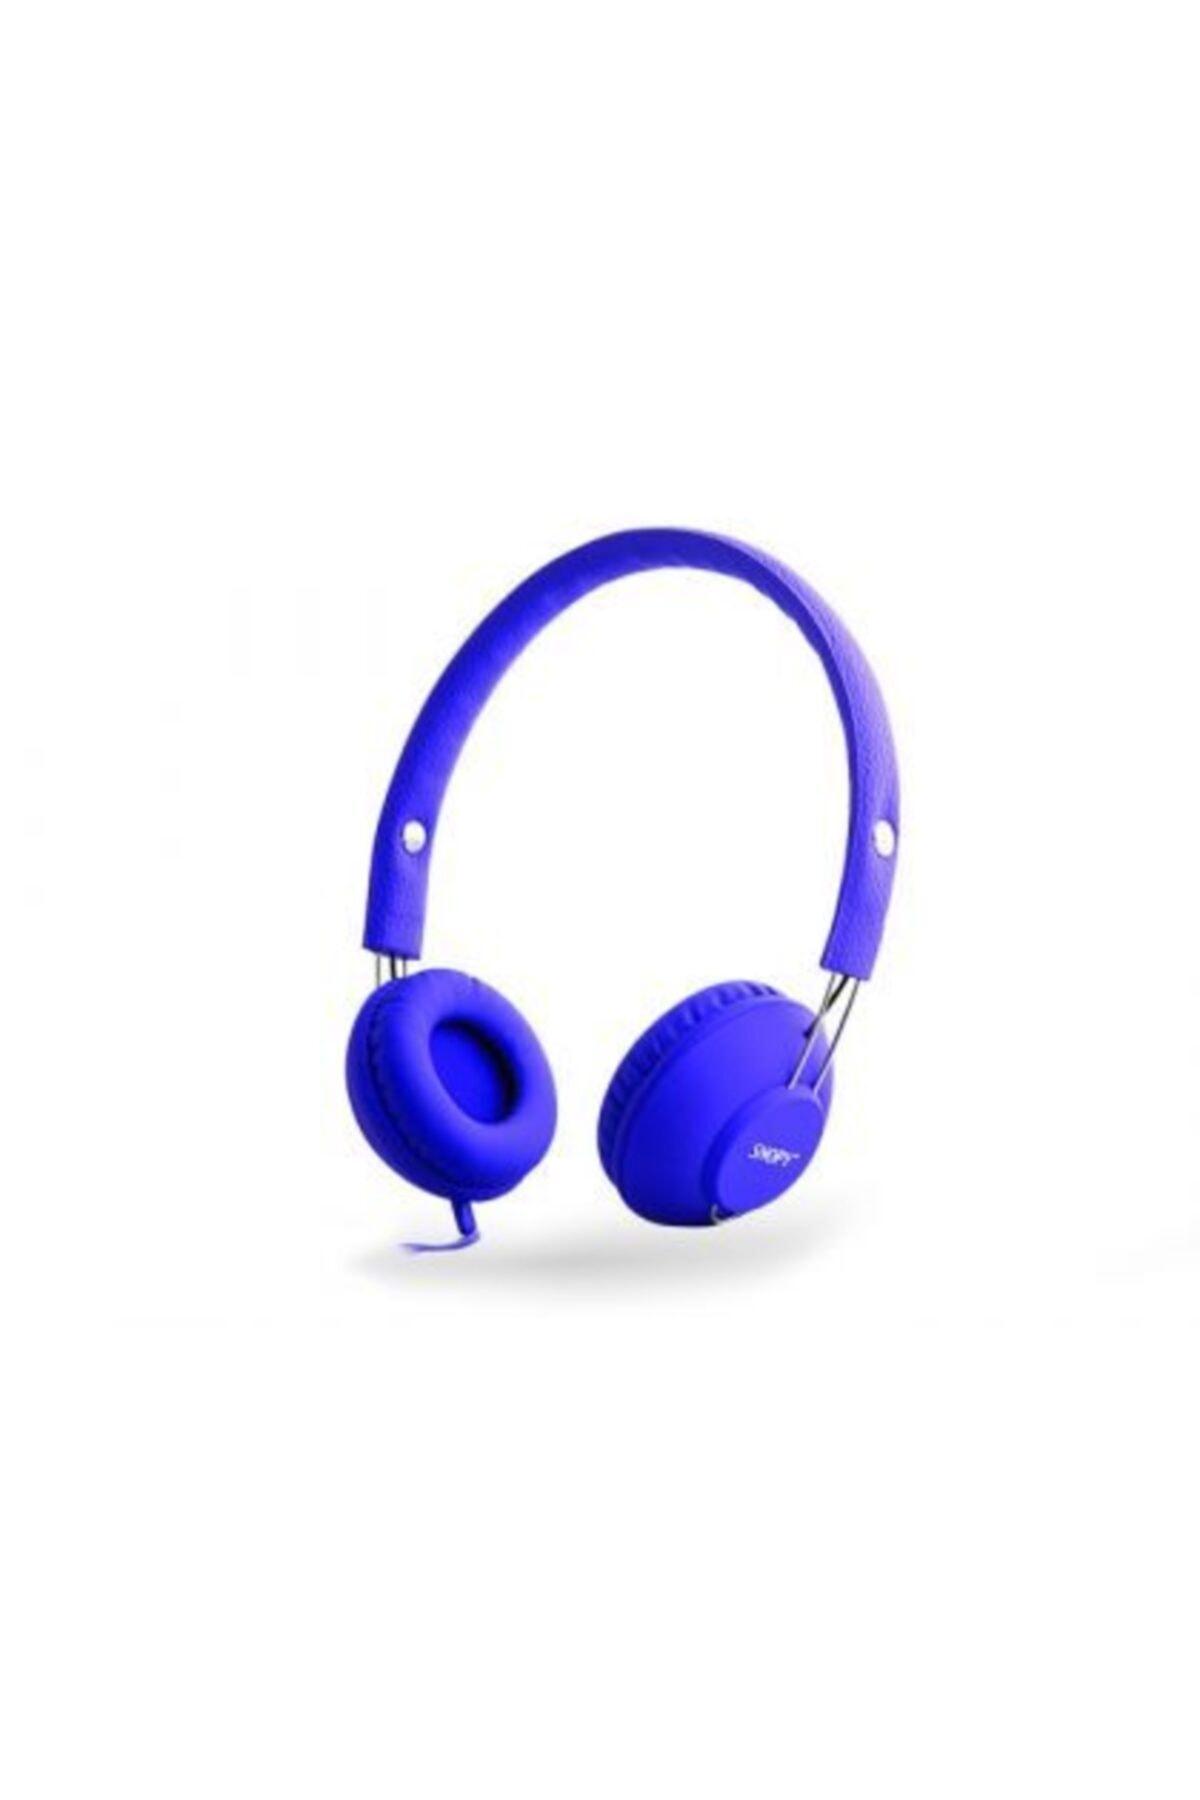 Snopy Sn-933 Mobil Telefon Uyumlu Rubber Mavi Mikrofonlu Kulaklık 1